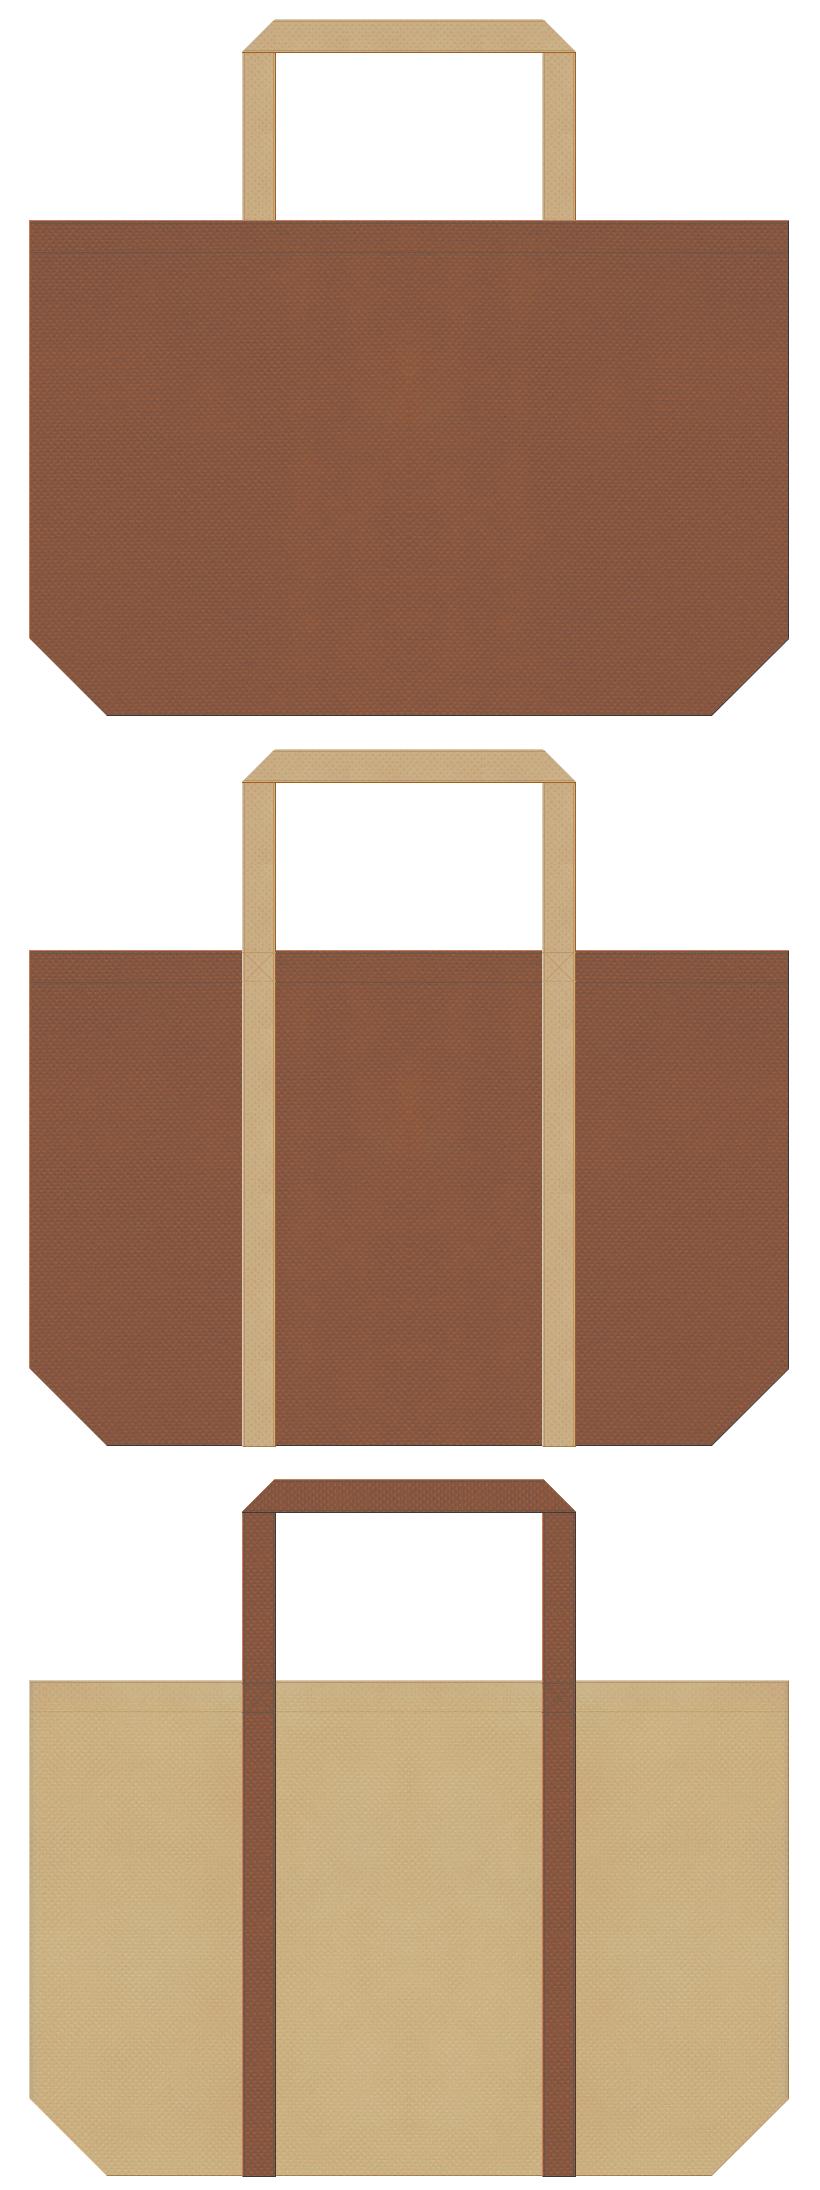 手芸・ぬいぐるみ・DIY・木製インテリア・住宅展示場・フードコート・レストラン・カフェテリア・もなか・饅頭・煎餅・しょうゆ・めんつゆ・かつおぶし・しいたけ・乾物・じゃがいも・クッキー・和菓子・スイーツ・ベーカリーのショッピングバッグにお奨めの不織布バッグデザイン:茶色とカーキ色のコーデ